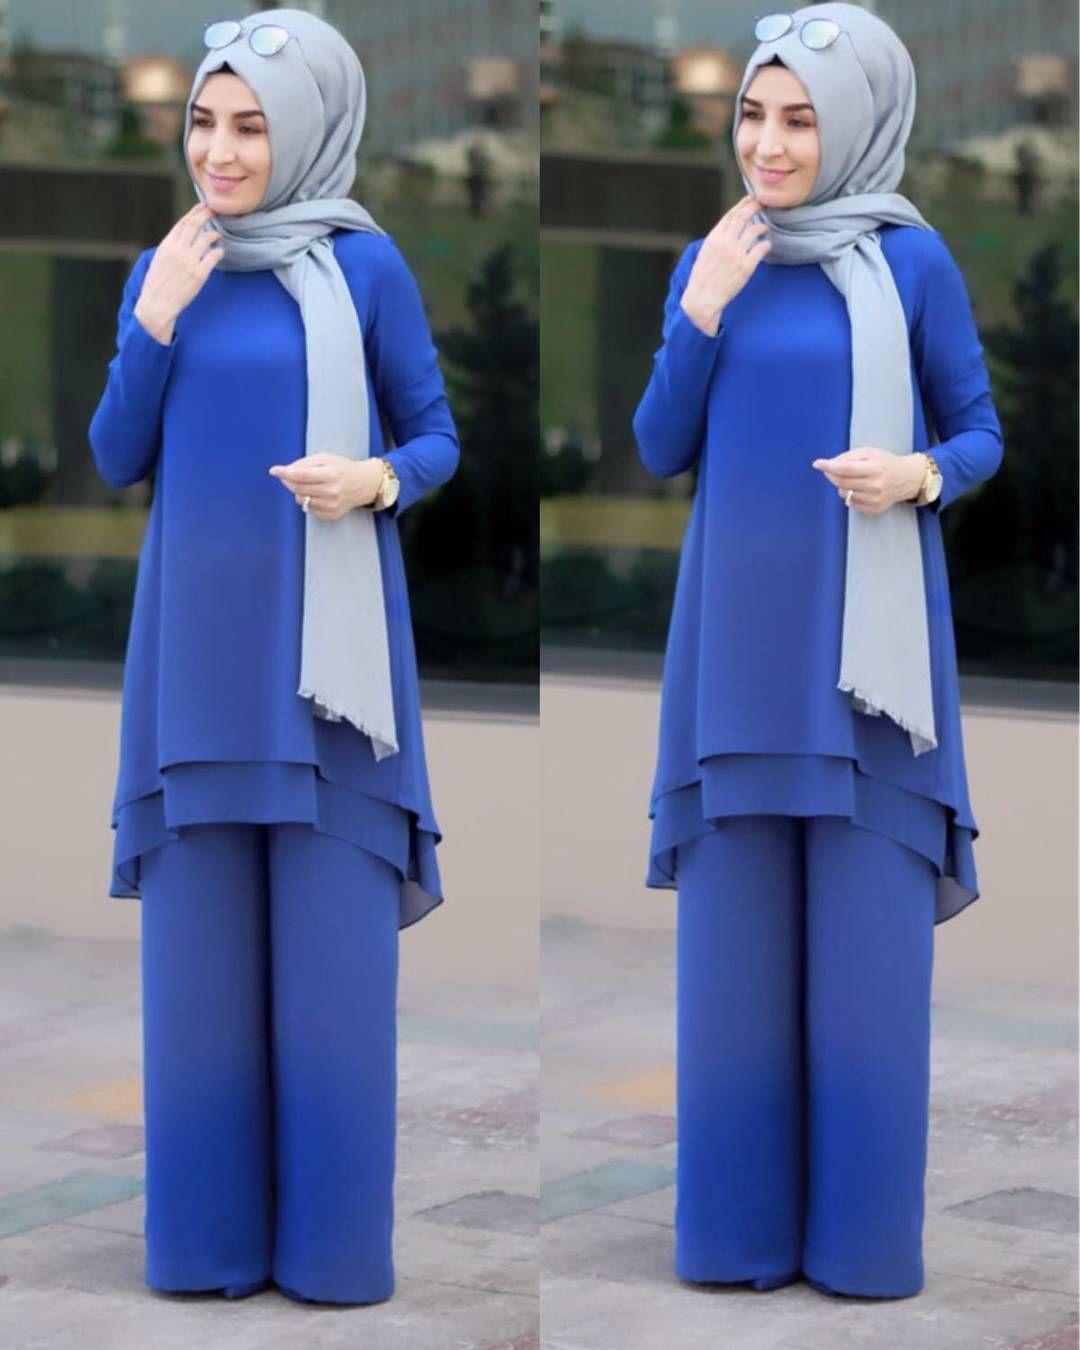 118 Begenme 1 Yorum Instagram Da Sal Dunyasi Saldunyasii Hanimlar Tunik Ve Pantolon Dan Olusan Yepyeni Takimimiz Yeniden Tunik Hijab Chic Islami Moda